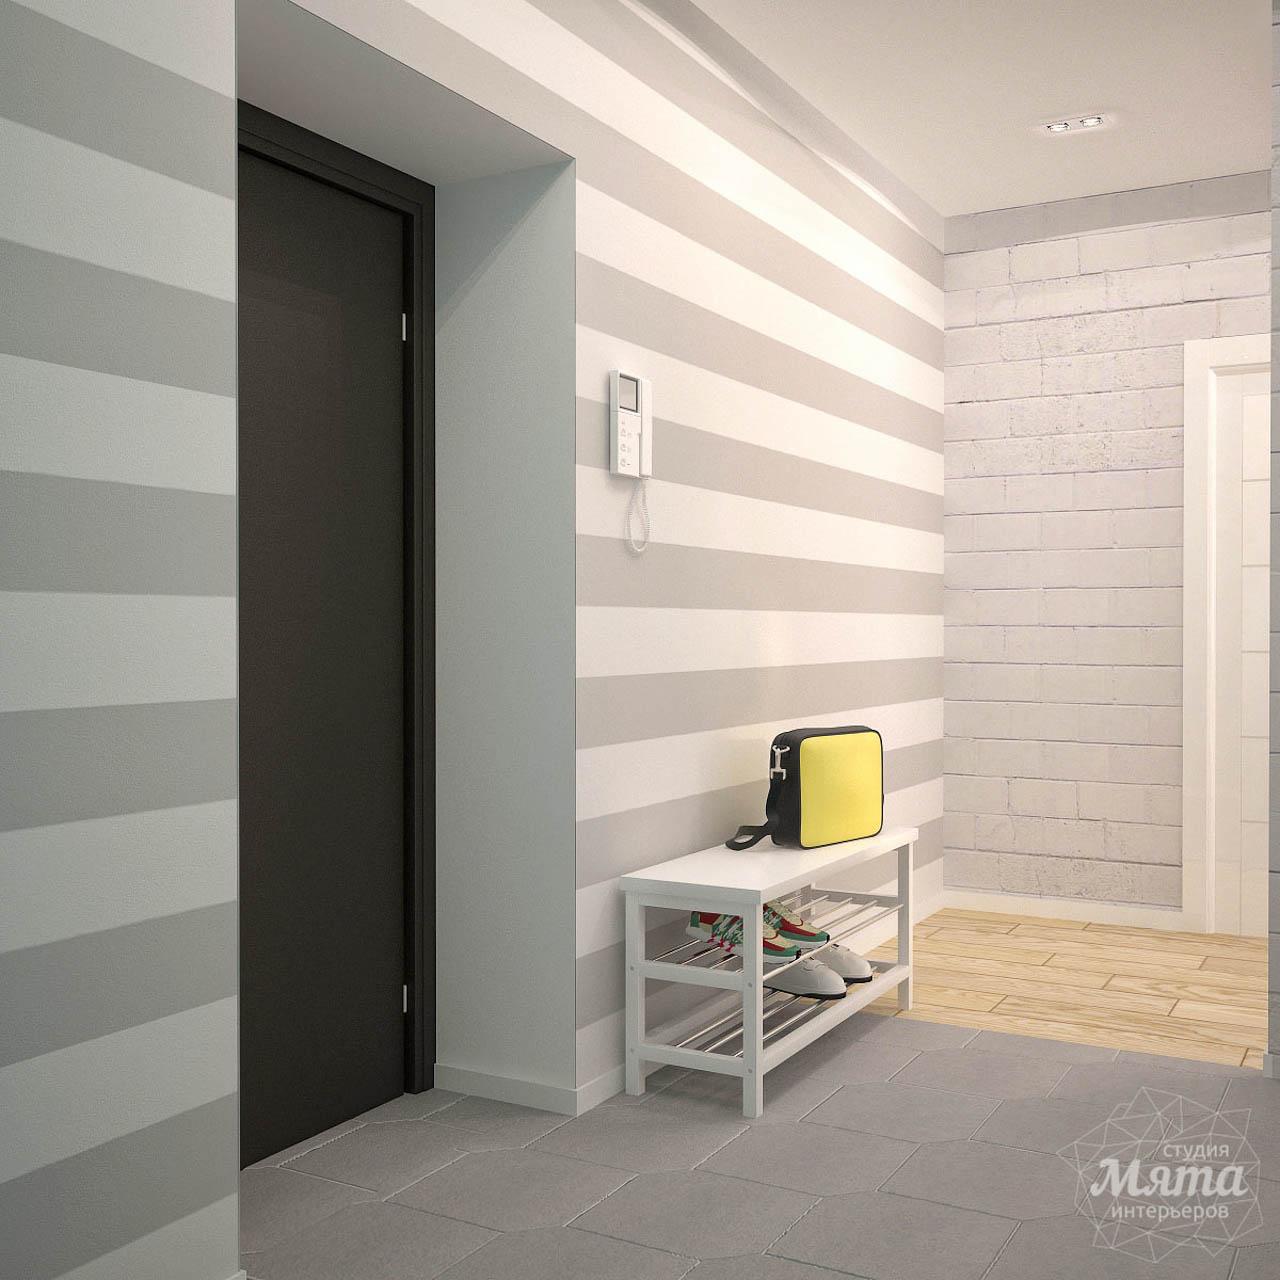 Дизайн интерьера и ремонт однокомнатной квартиры по ул. Сурикова 53а img2063746224